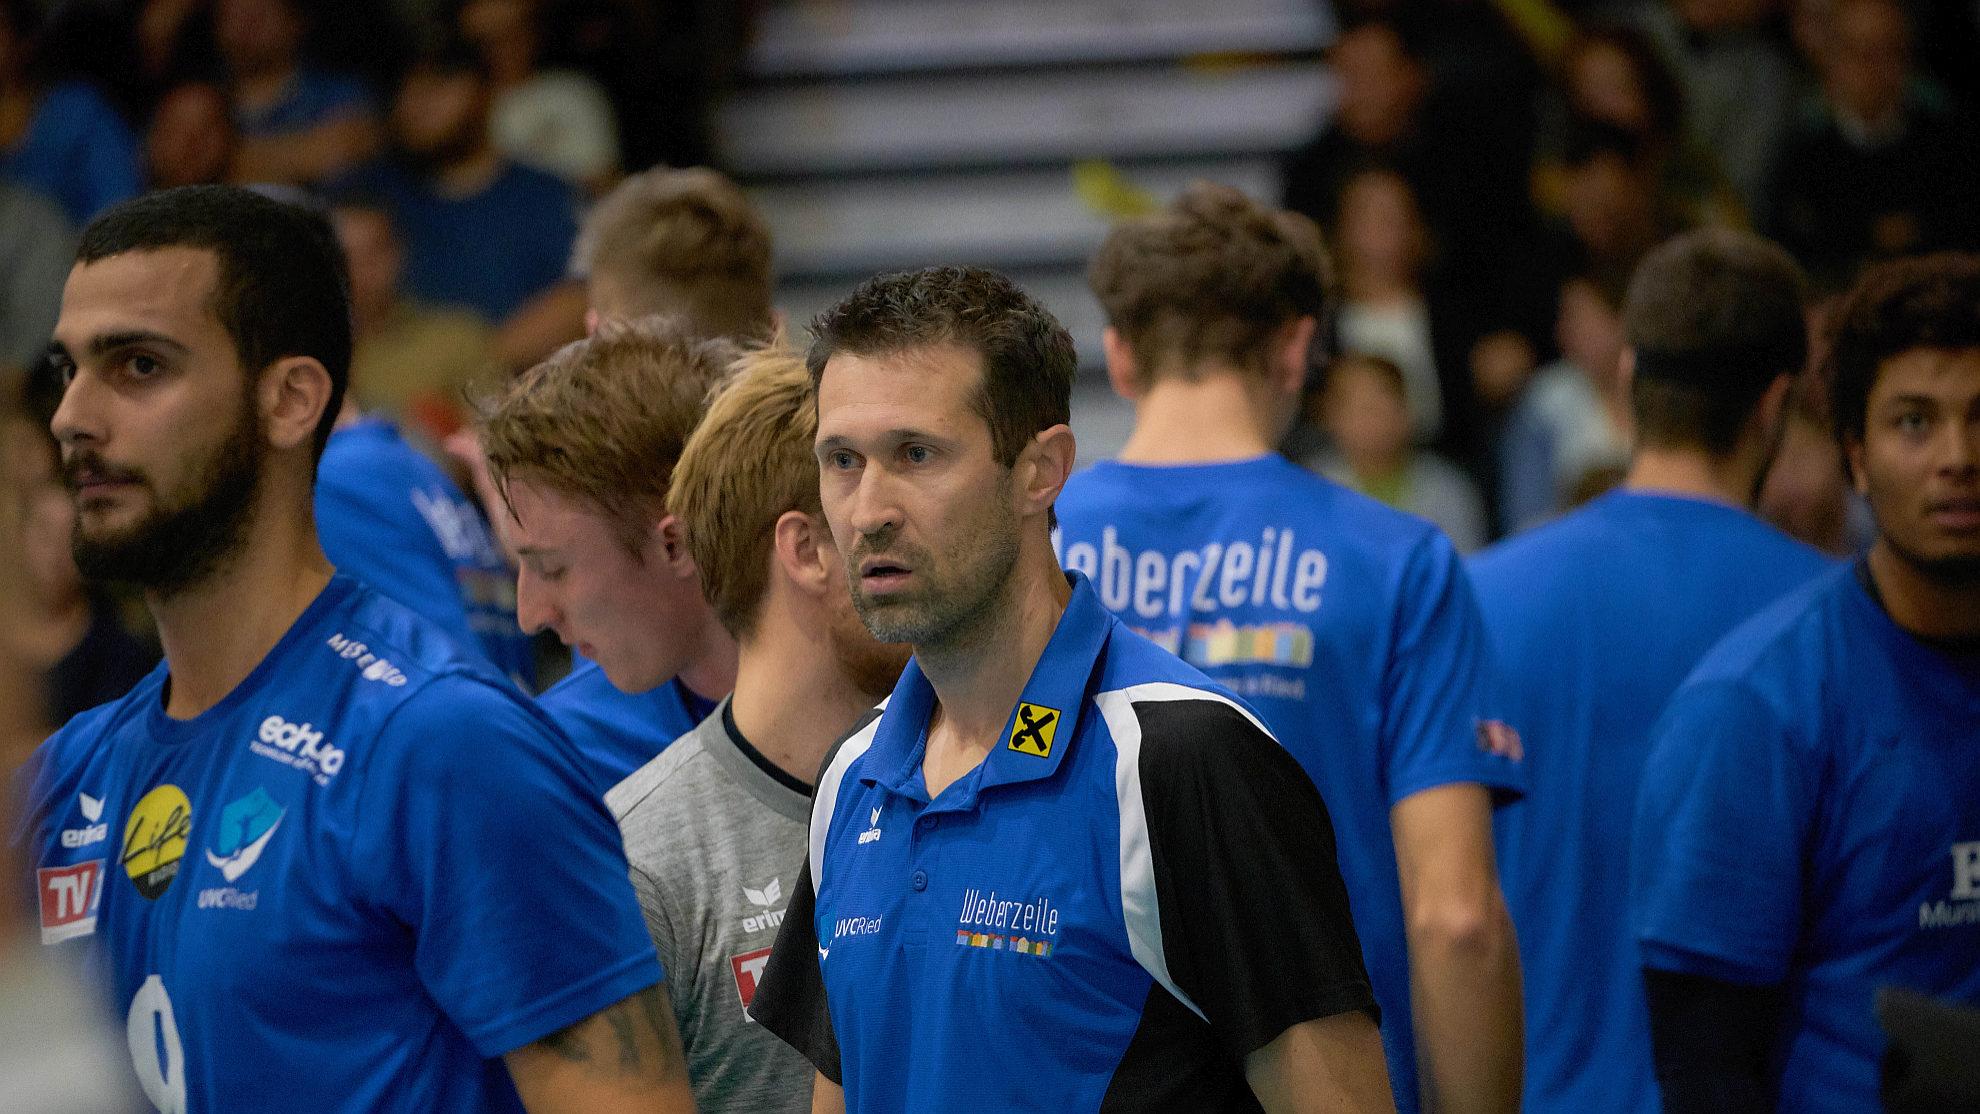 FOTO © UVC Weberzeile Ried